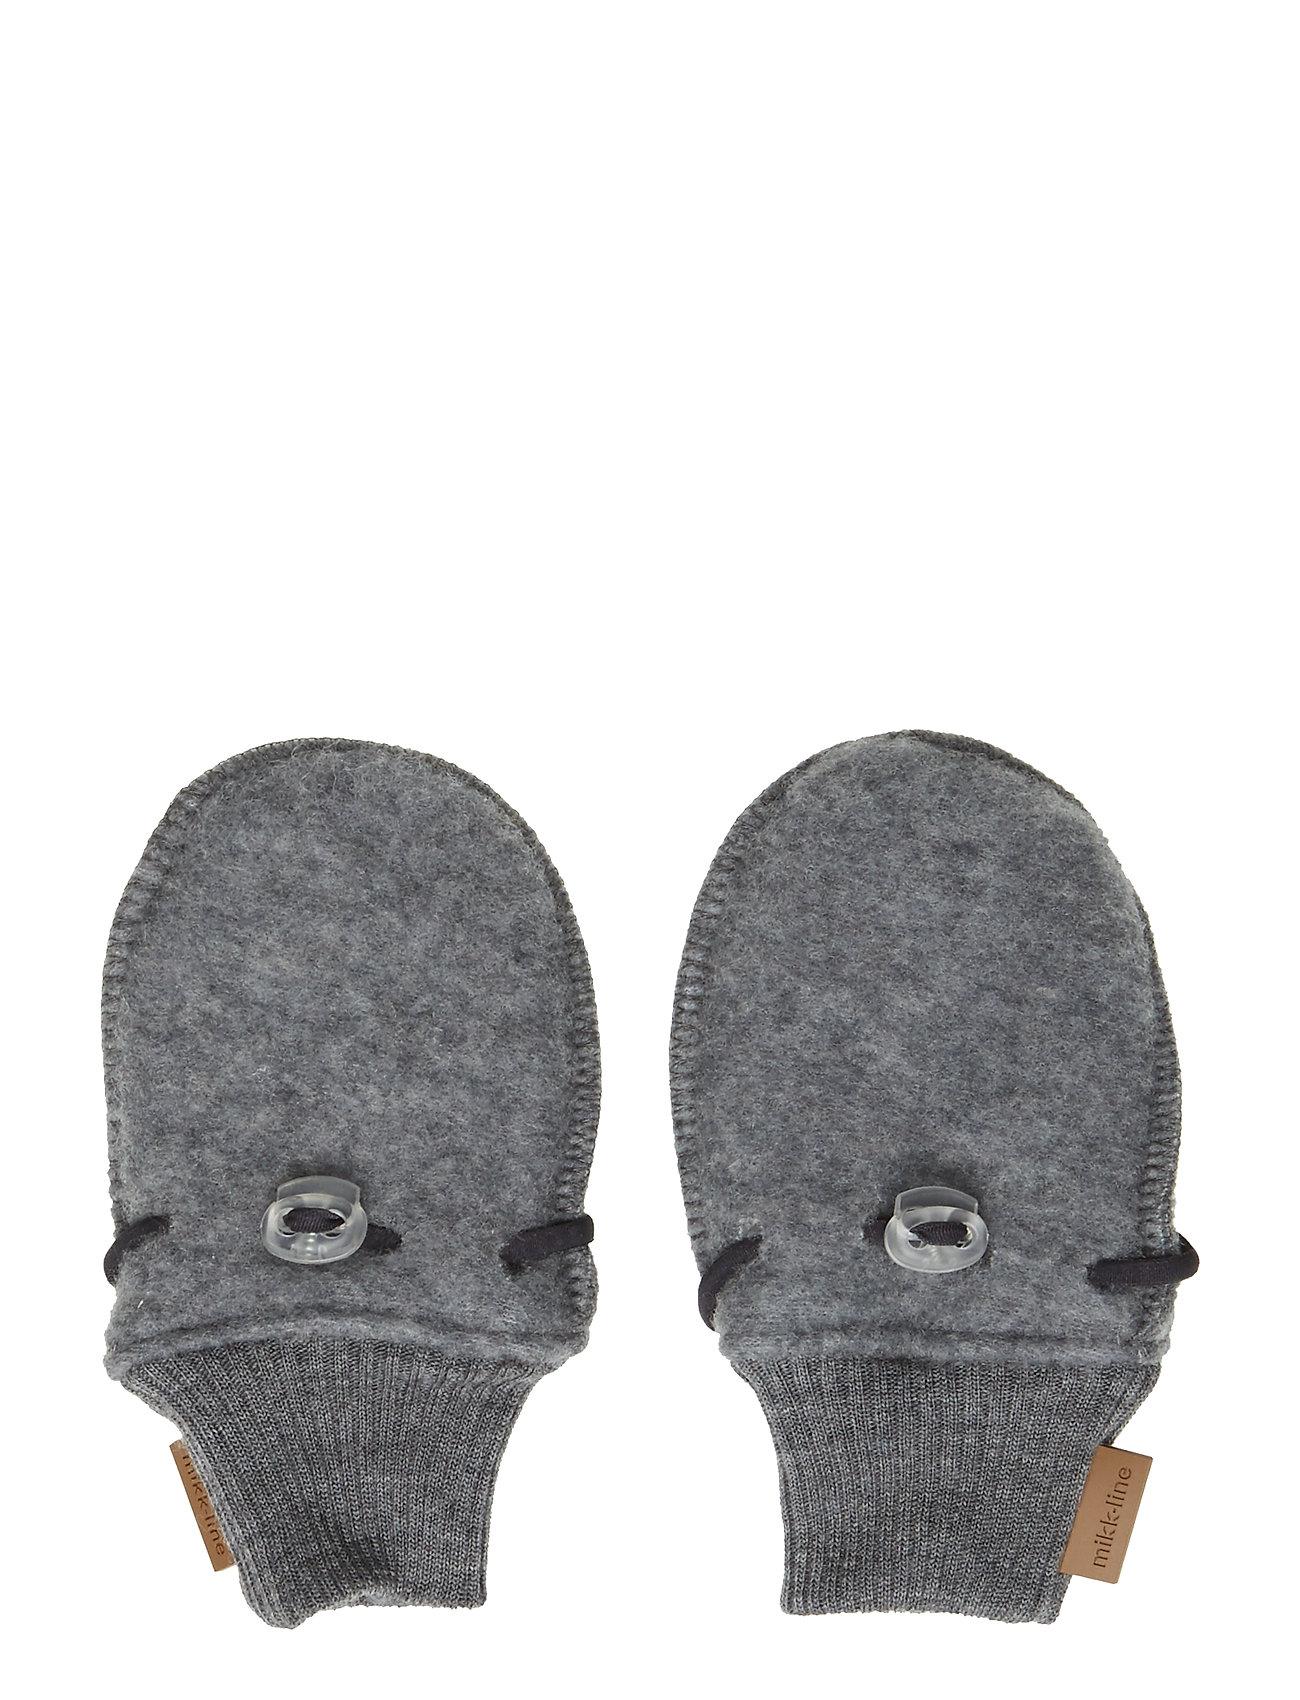 Mikk-Line Wool mittens